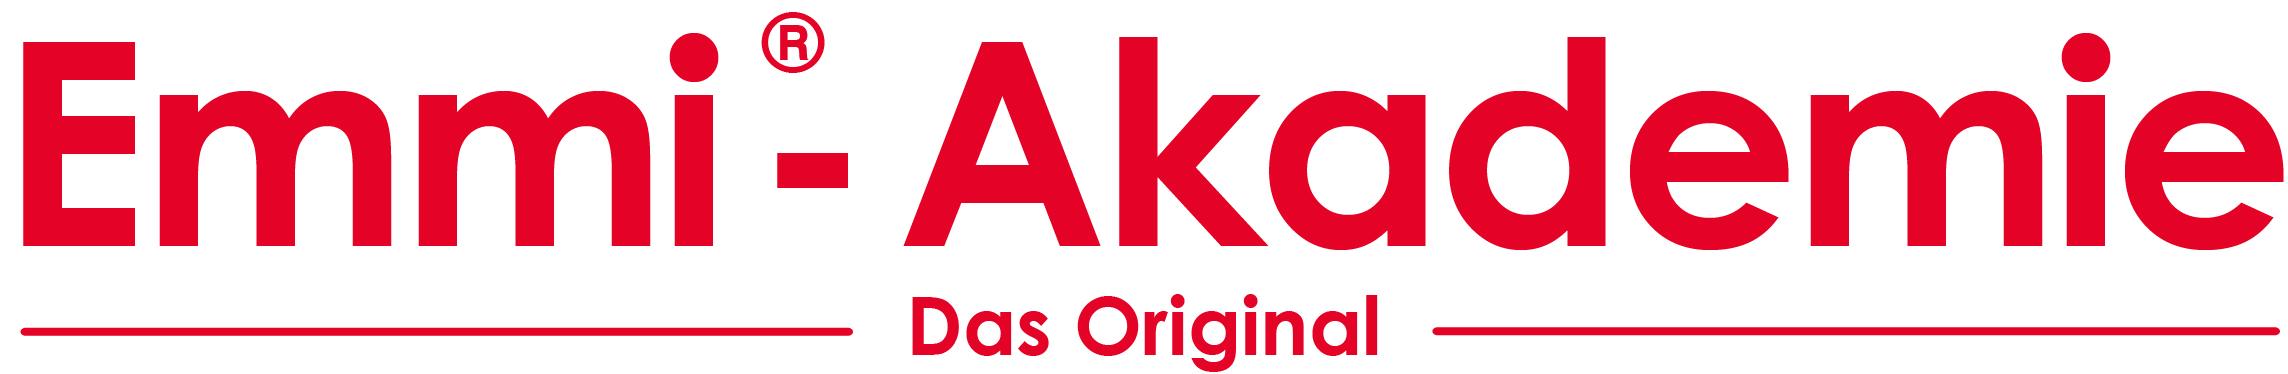 Emmi-Akademie Logo